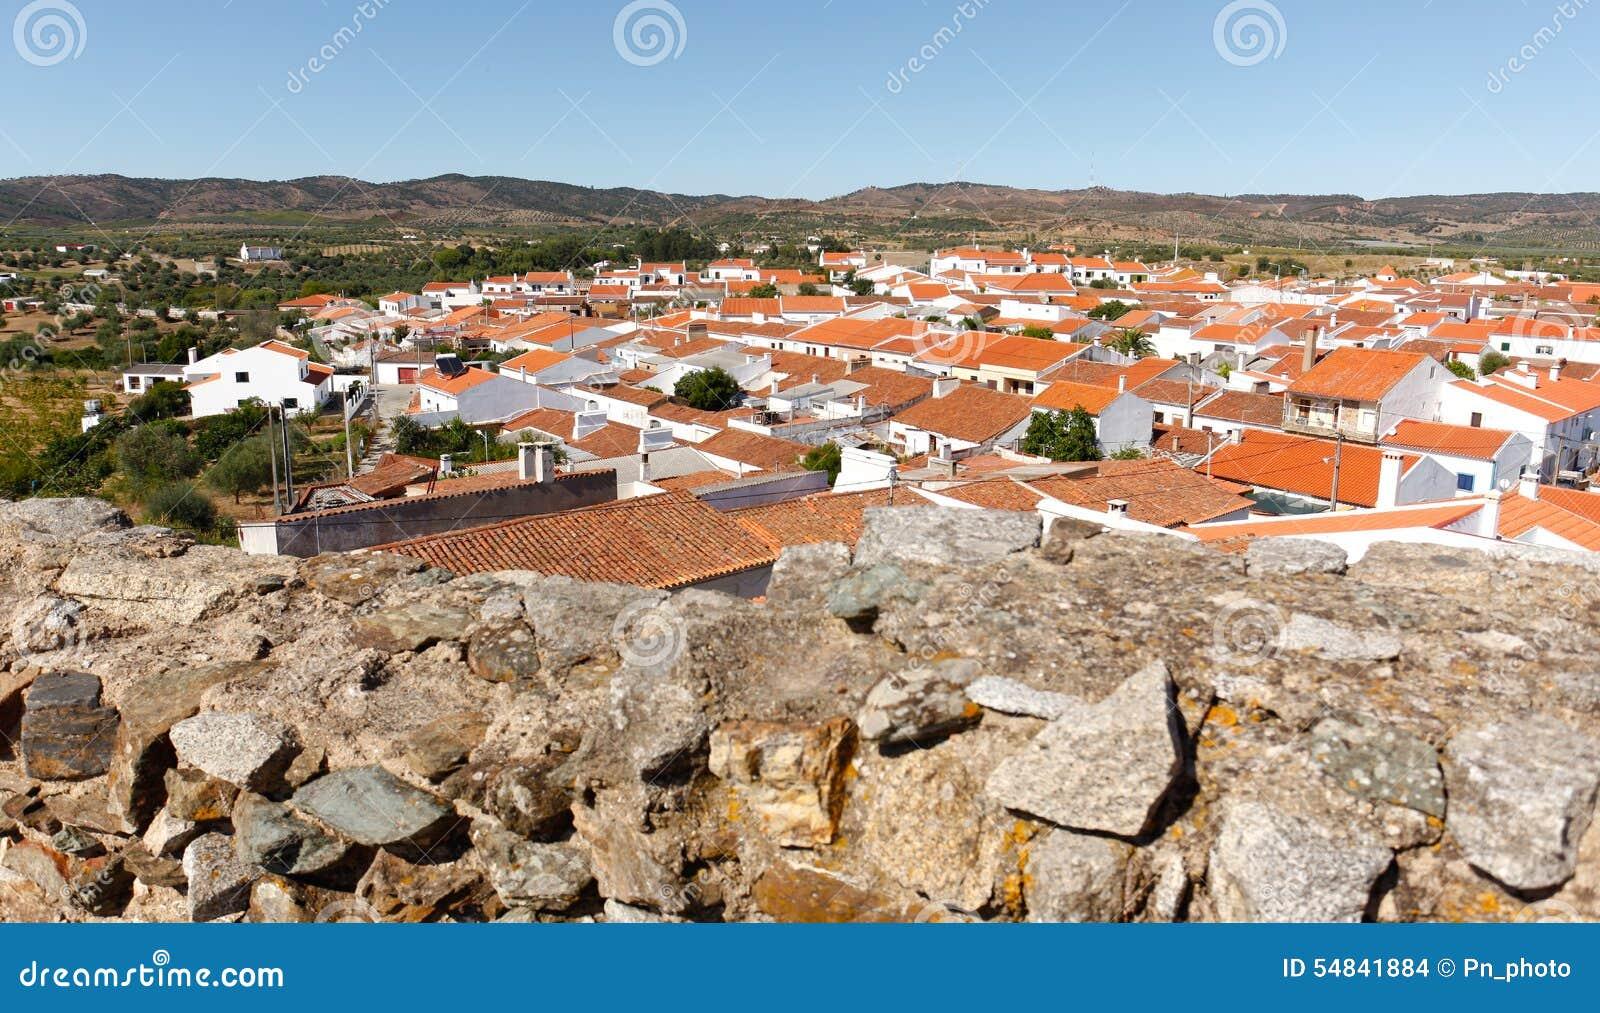 Portugal O Alentejo Vidigueira Fotos De Stock 26 Portugal O